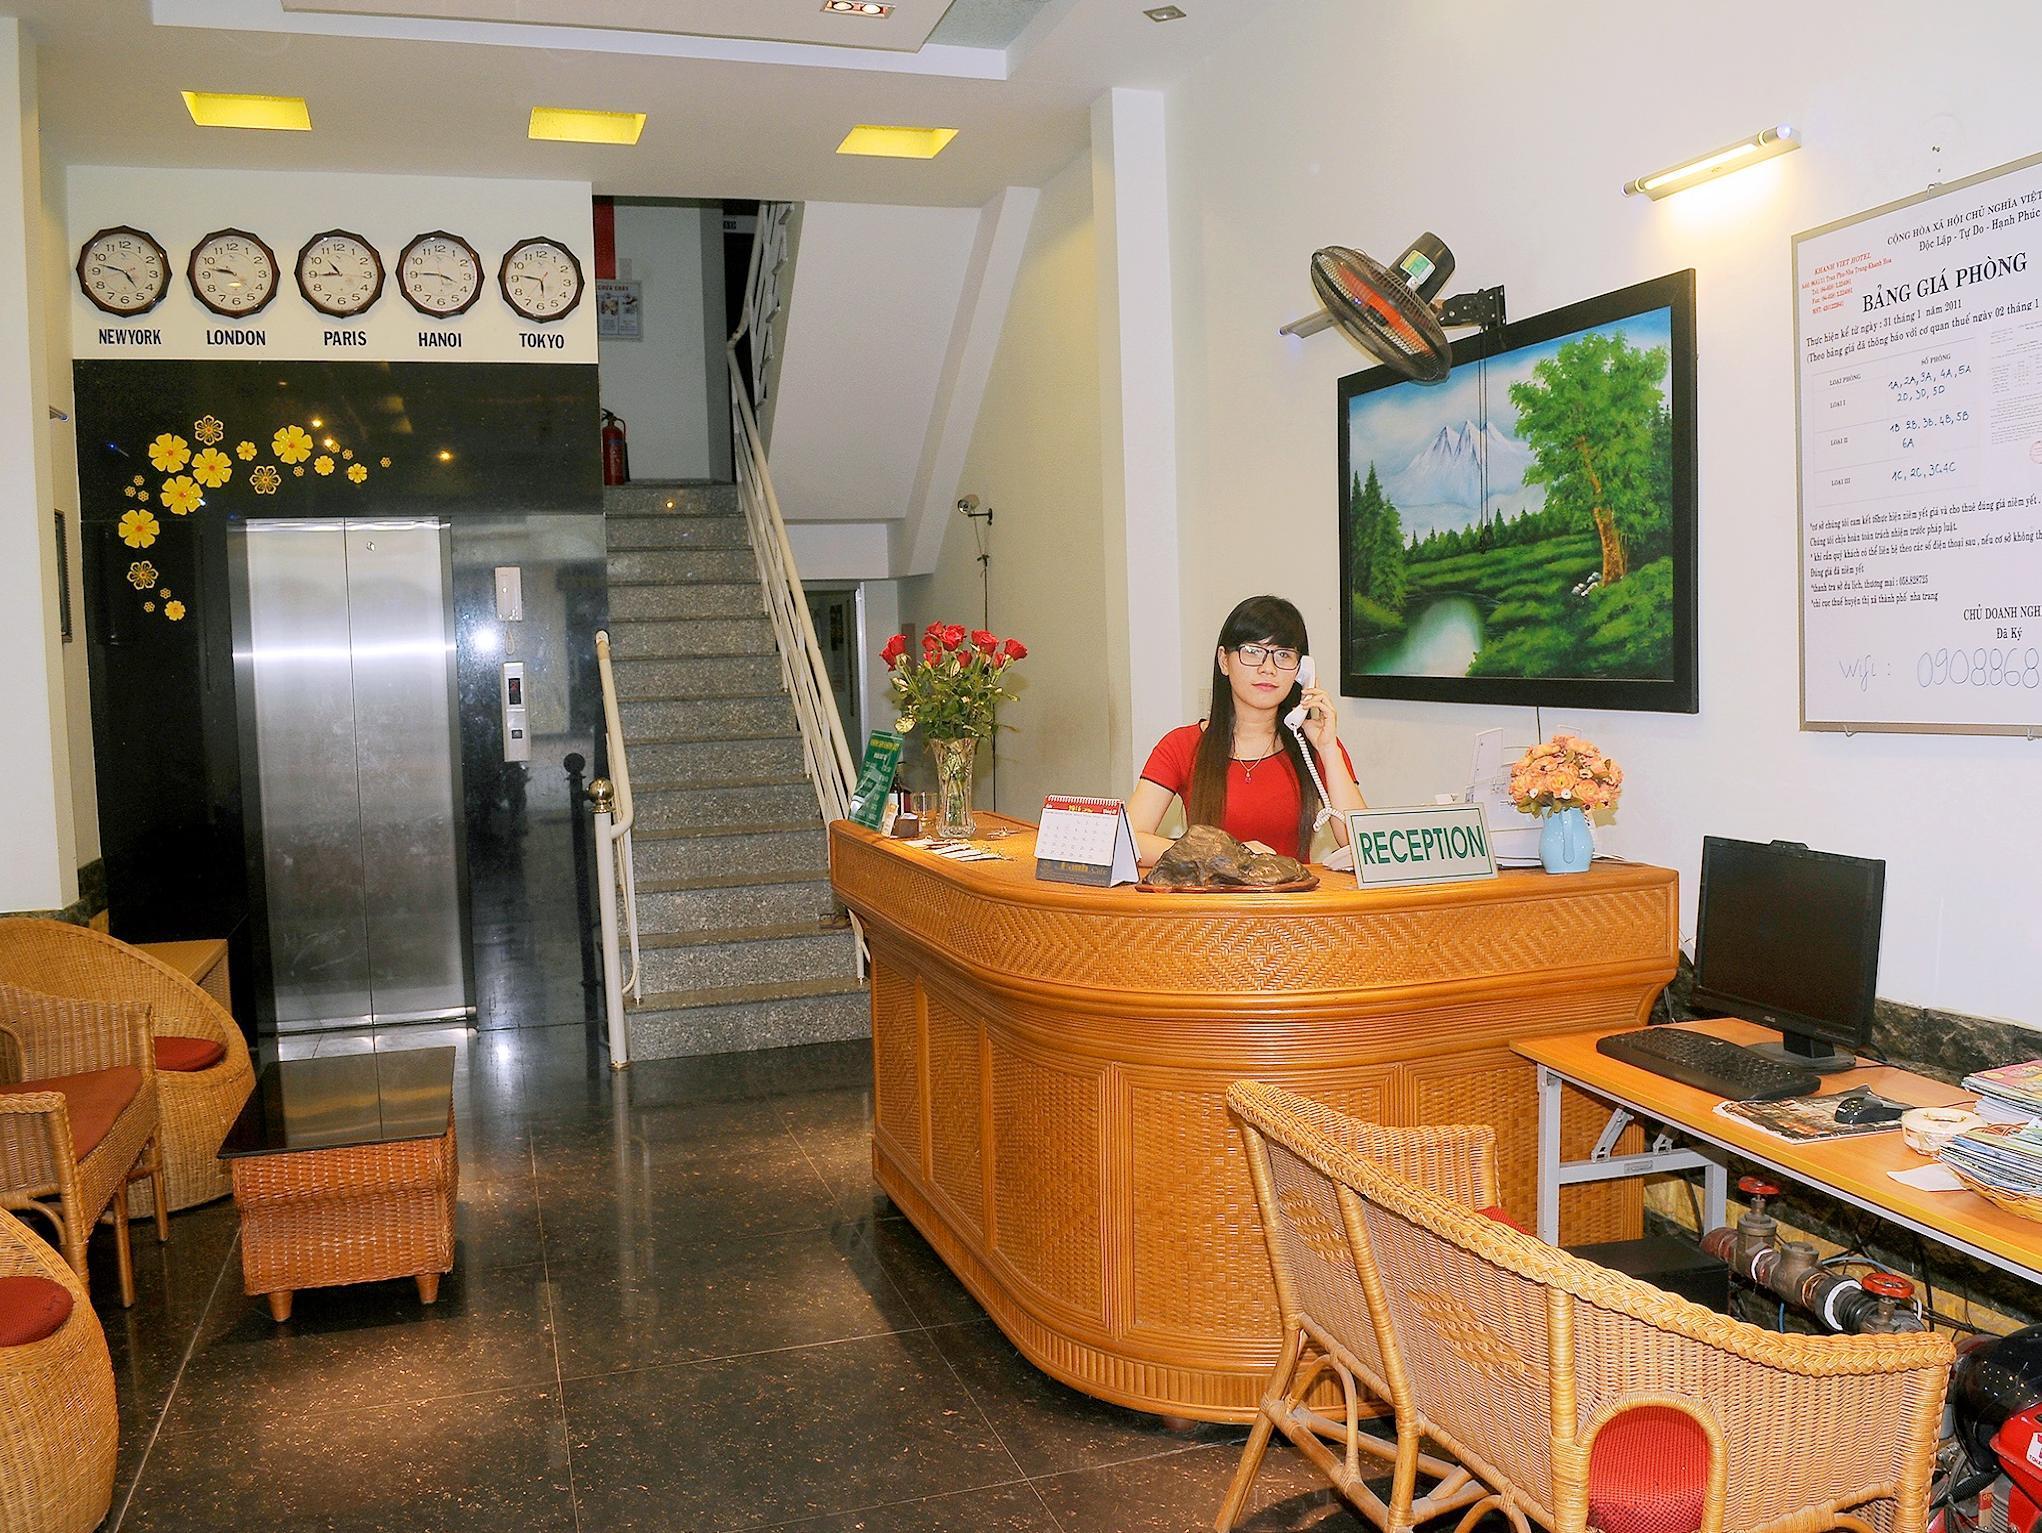 Queen 2 Hotel Nha Trang